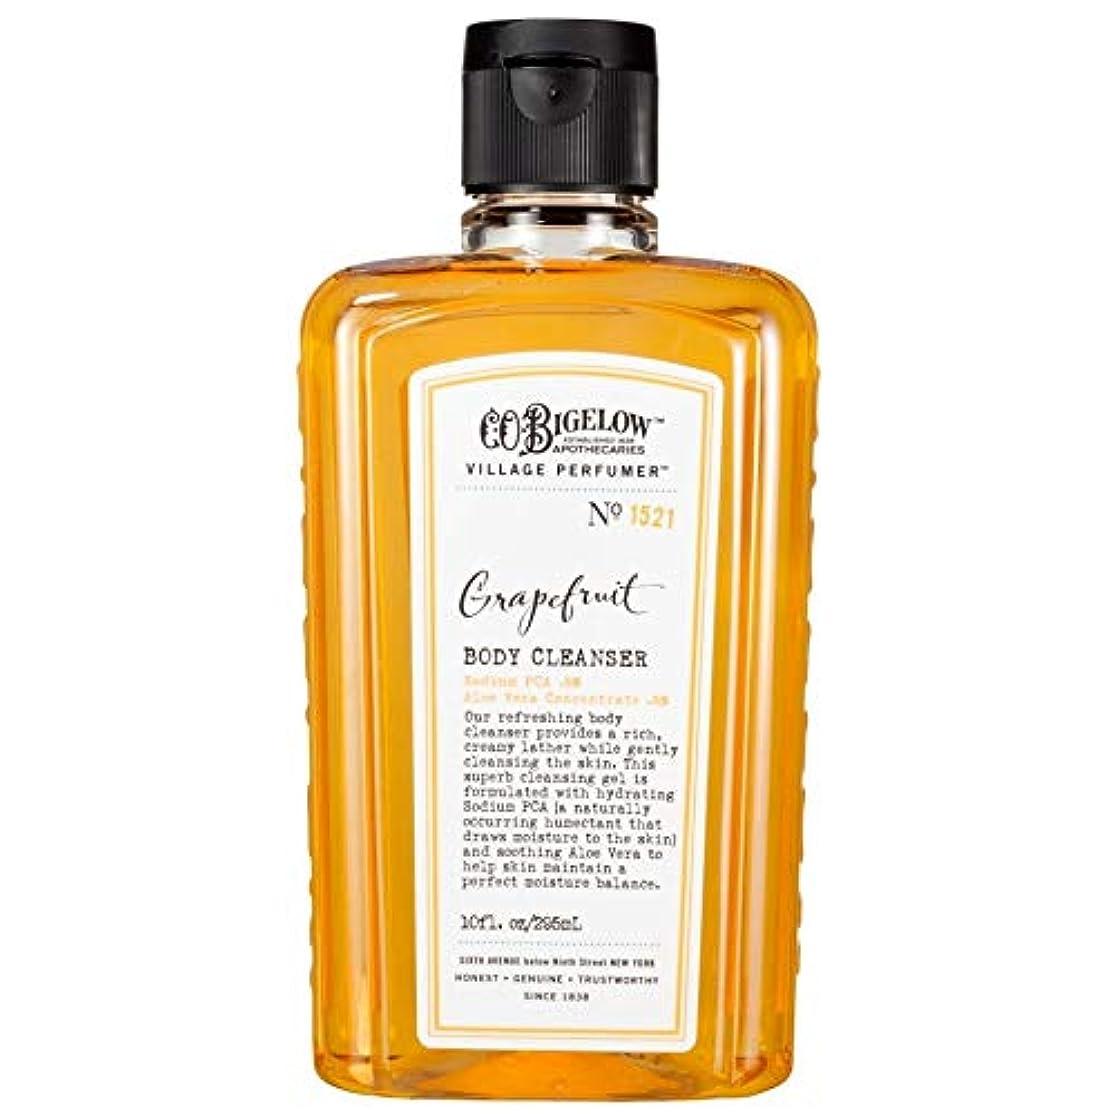 余計な肘粘土[C.O. Bigelow] C.O.ビゲローグレープフルーツボディクレンザー - C.O. Bigelow Grapefruit Body Cleanser [並行輸入品]